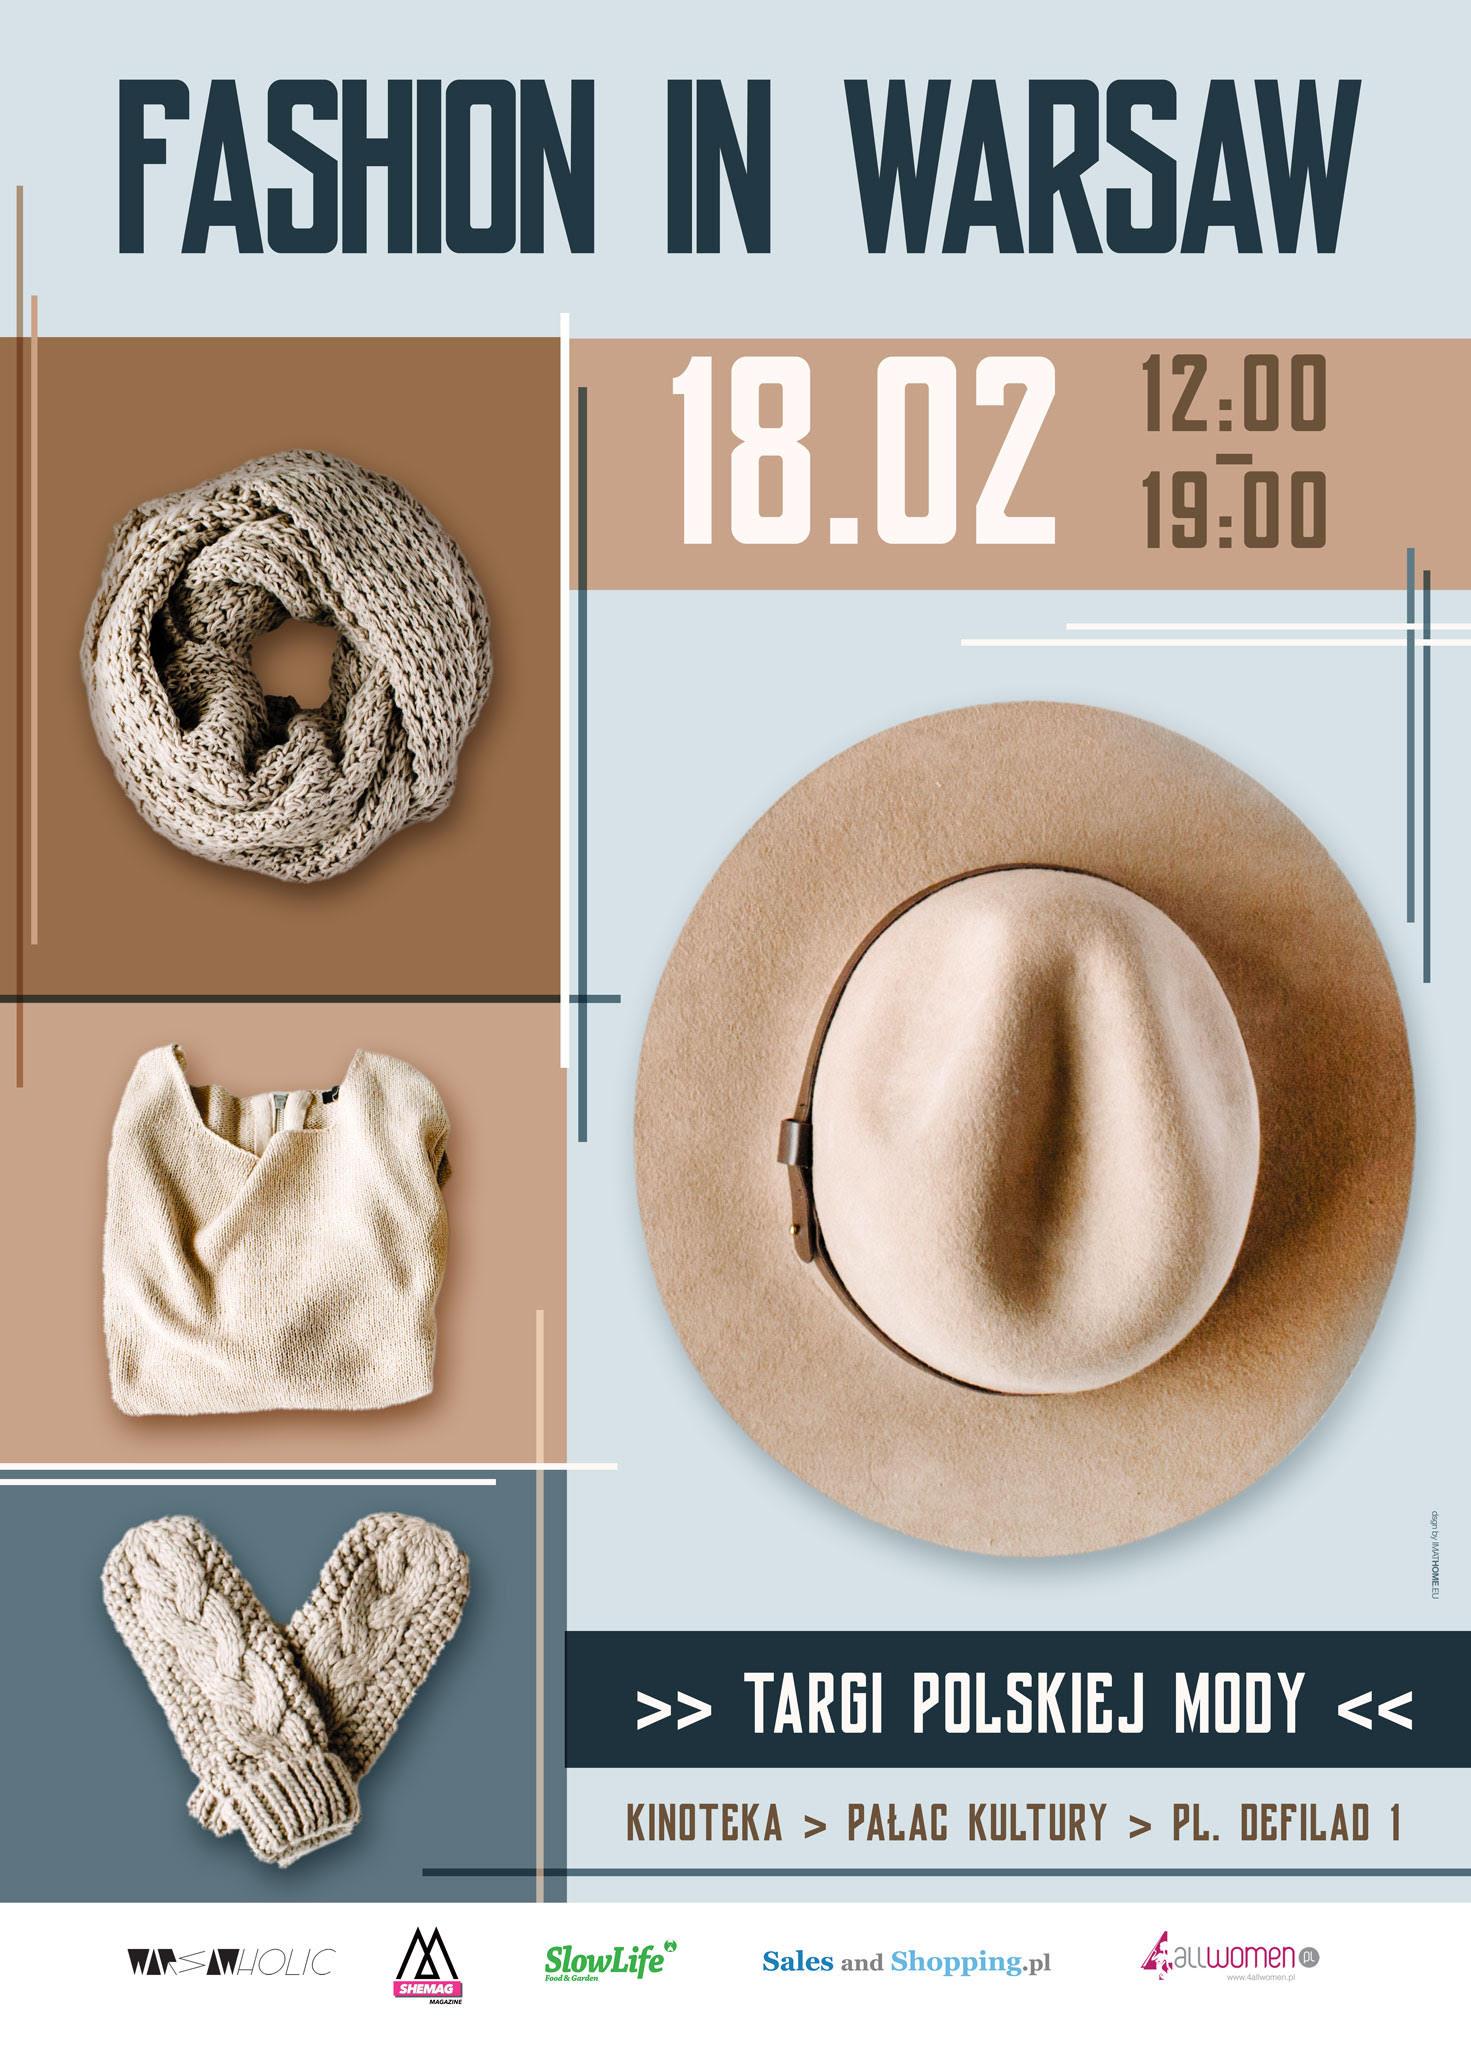 Targi Mody Fashion in Warsaw 18 lutego 2017